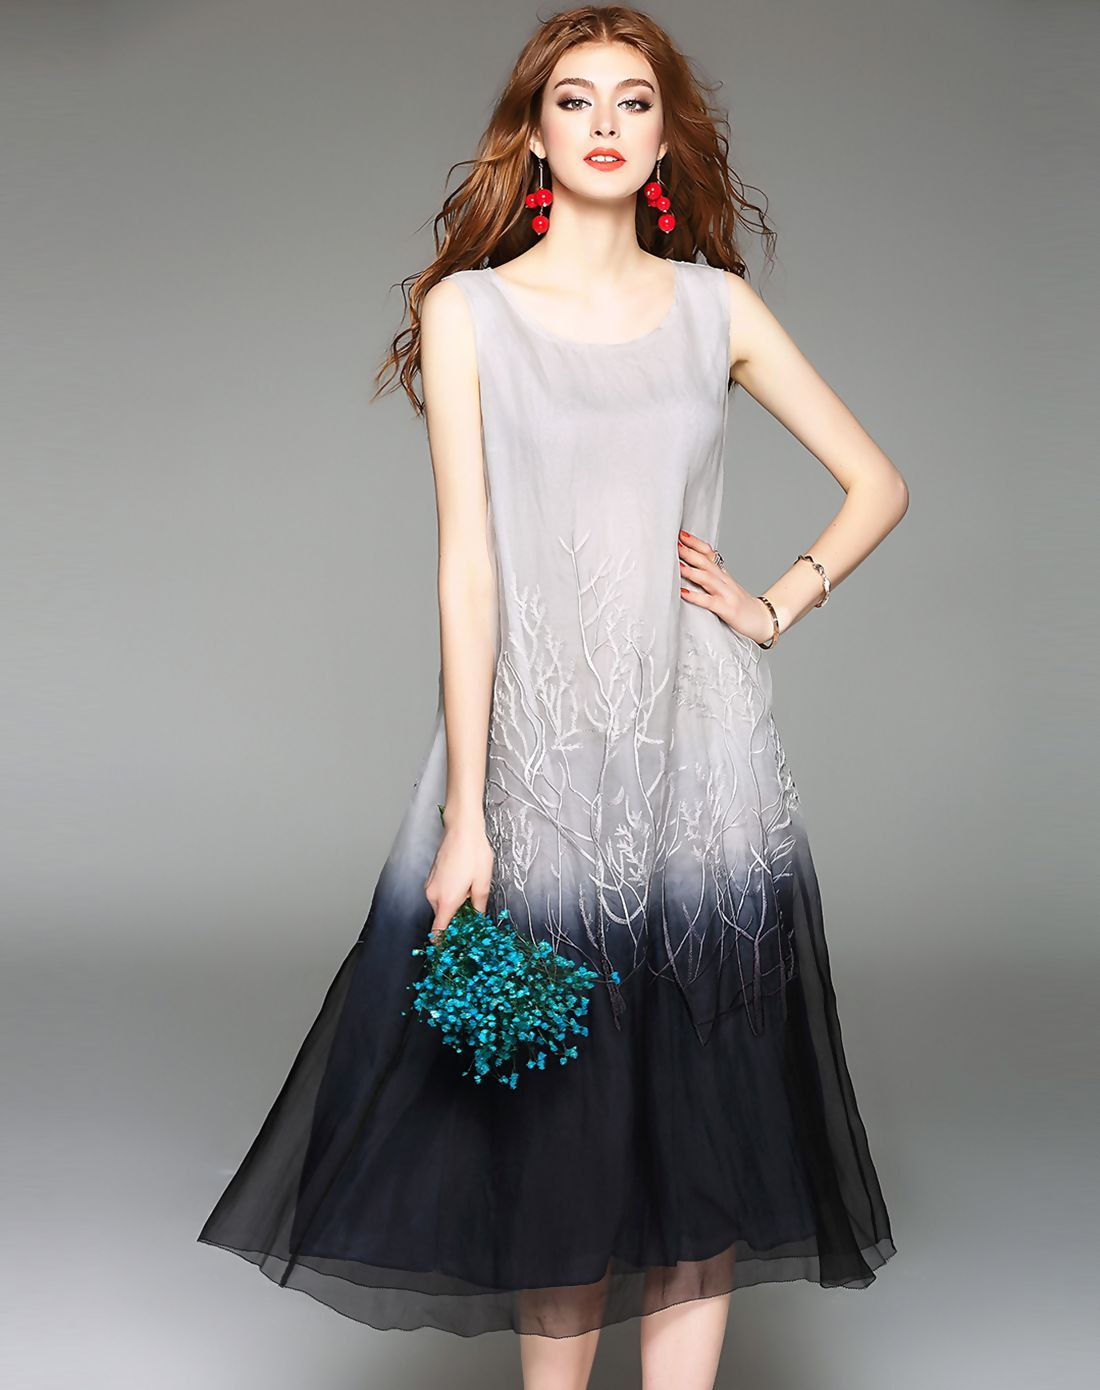 Adorewe vipme aline dressesdesigner dfanni gray